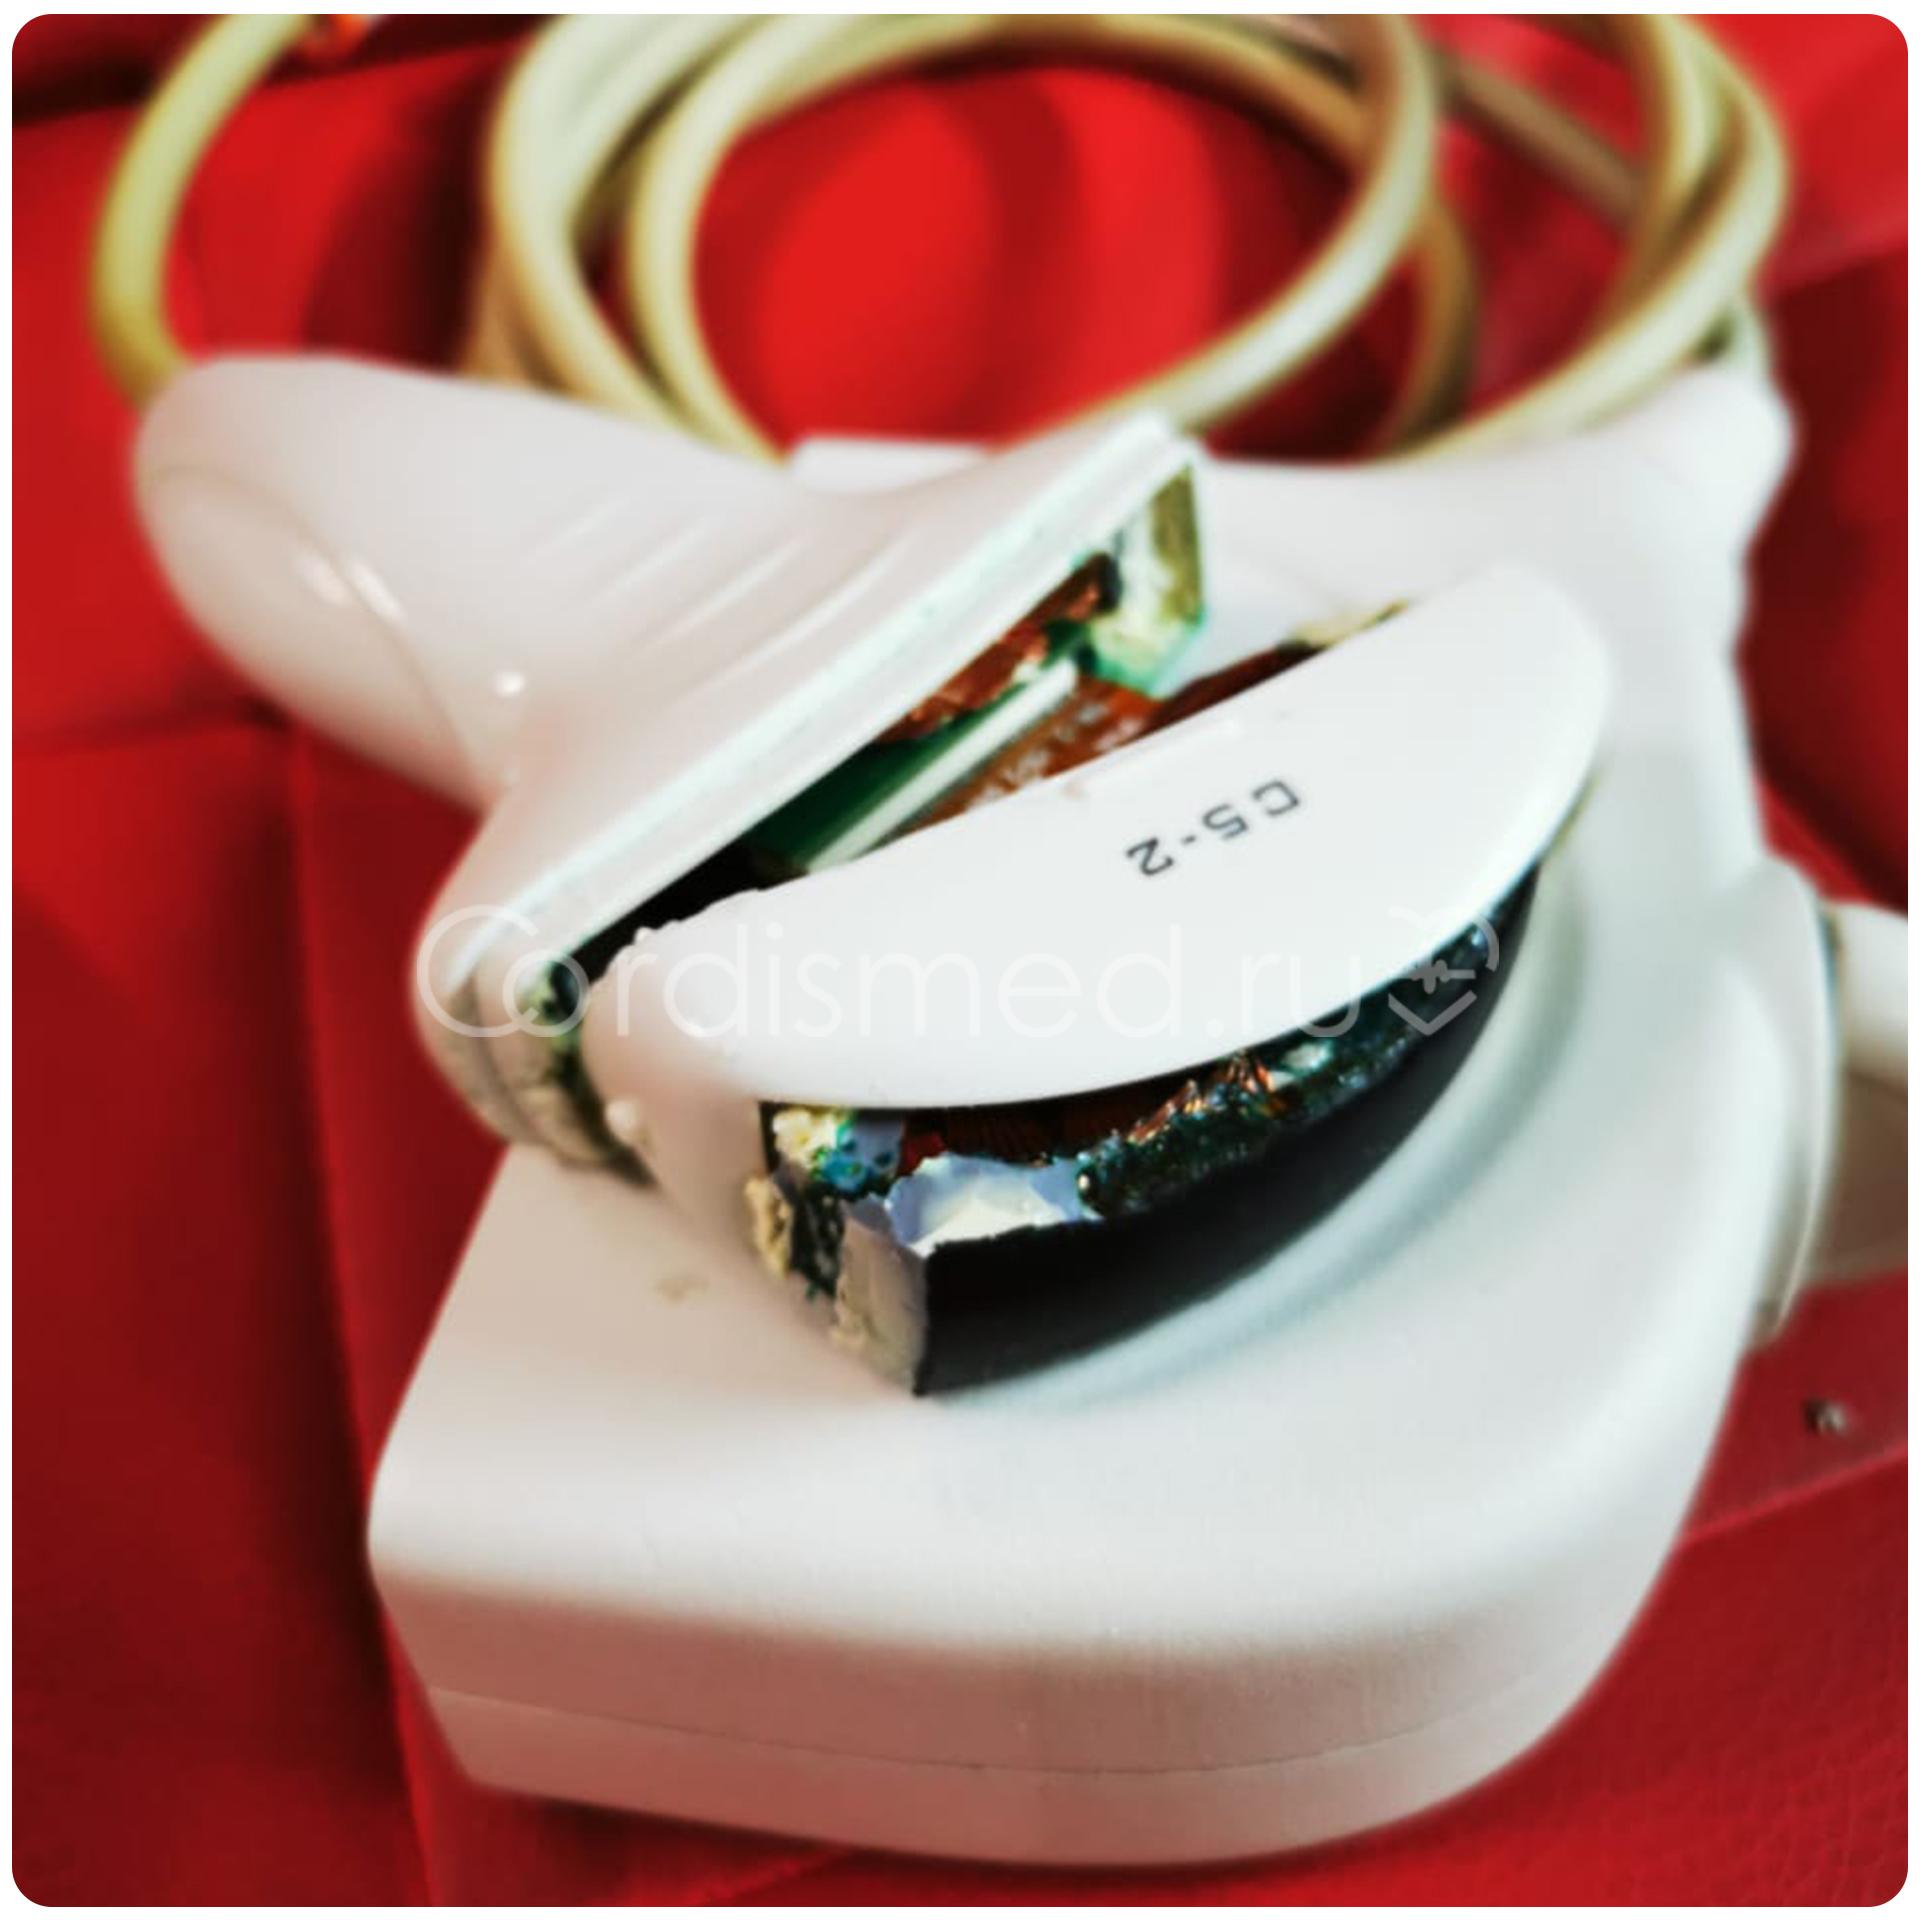 Комплексный ремонт ультразвукового датчика Mindray C5-2